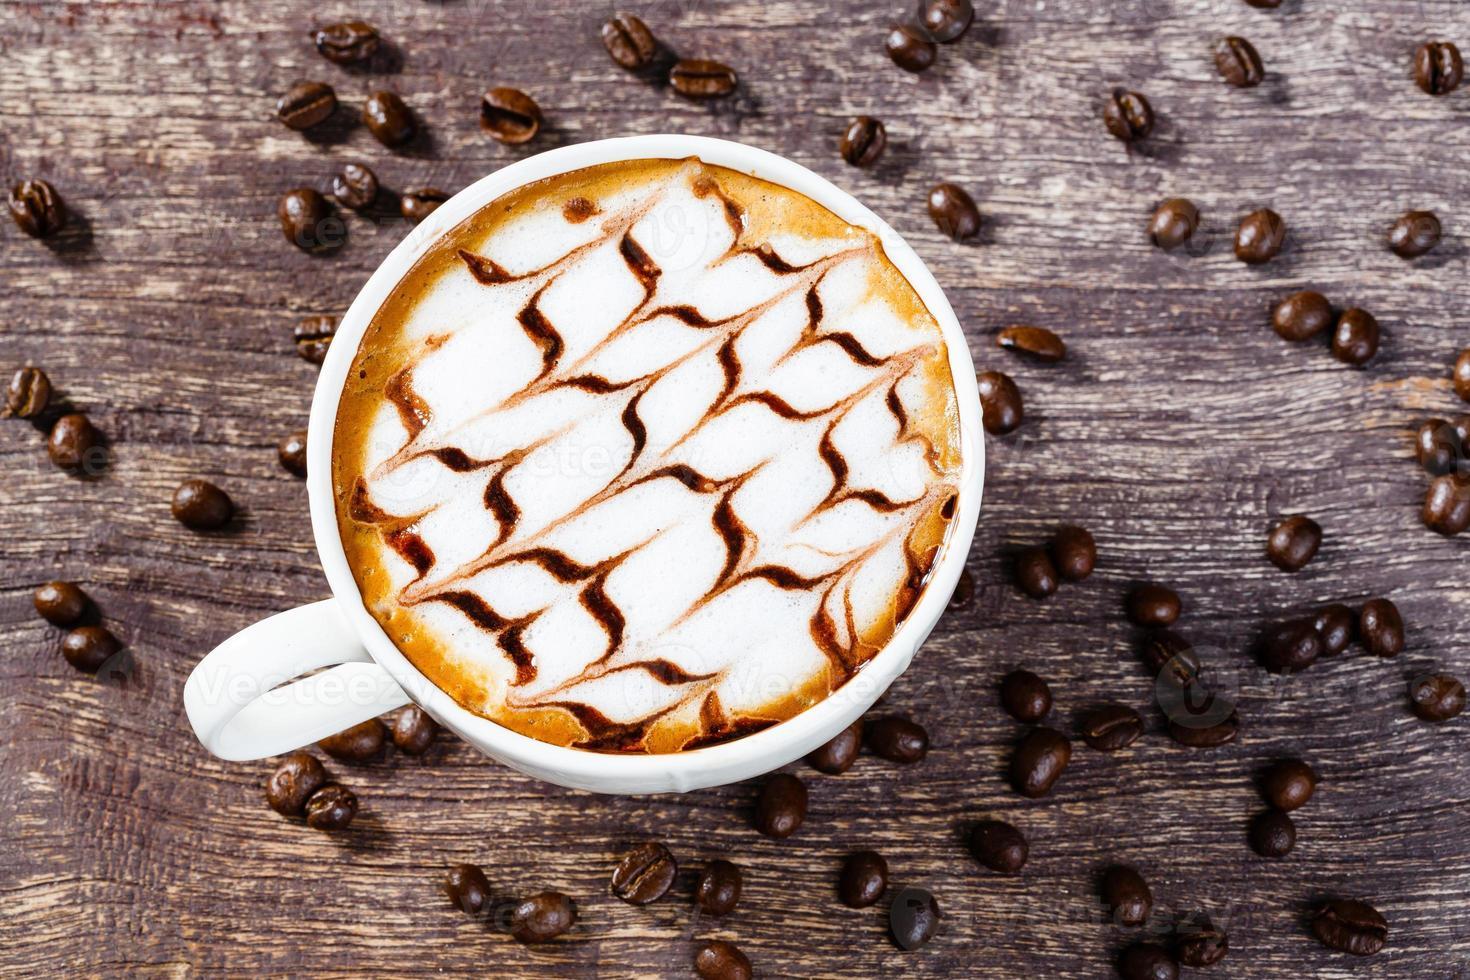 Tasse de café et de haricots torréfiés sur la vieille table en bois photo